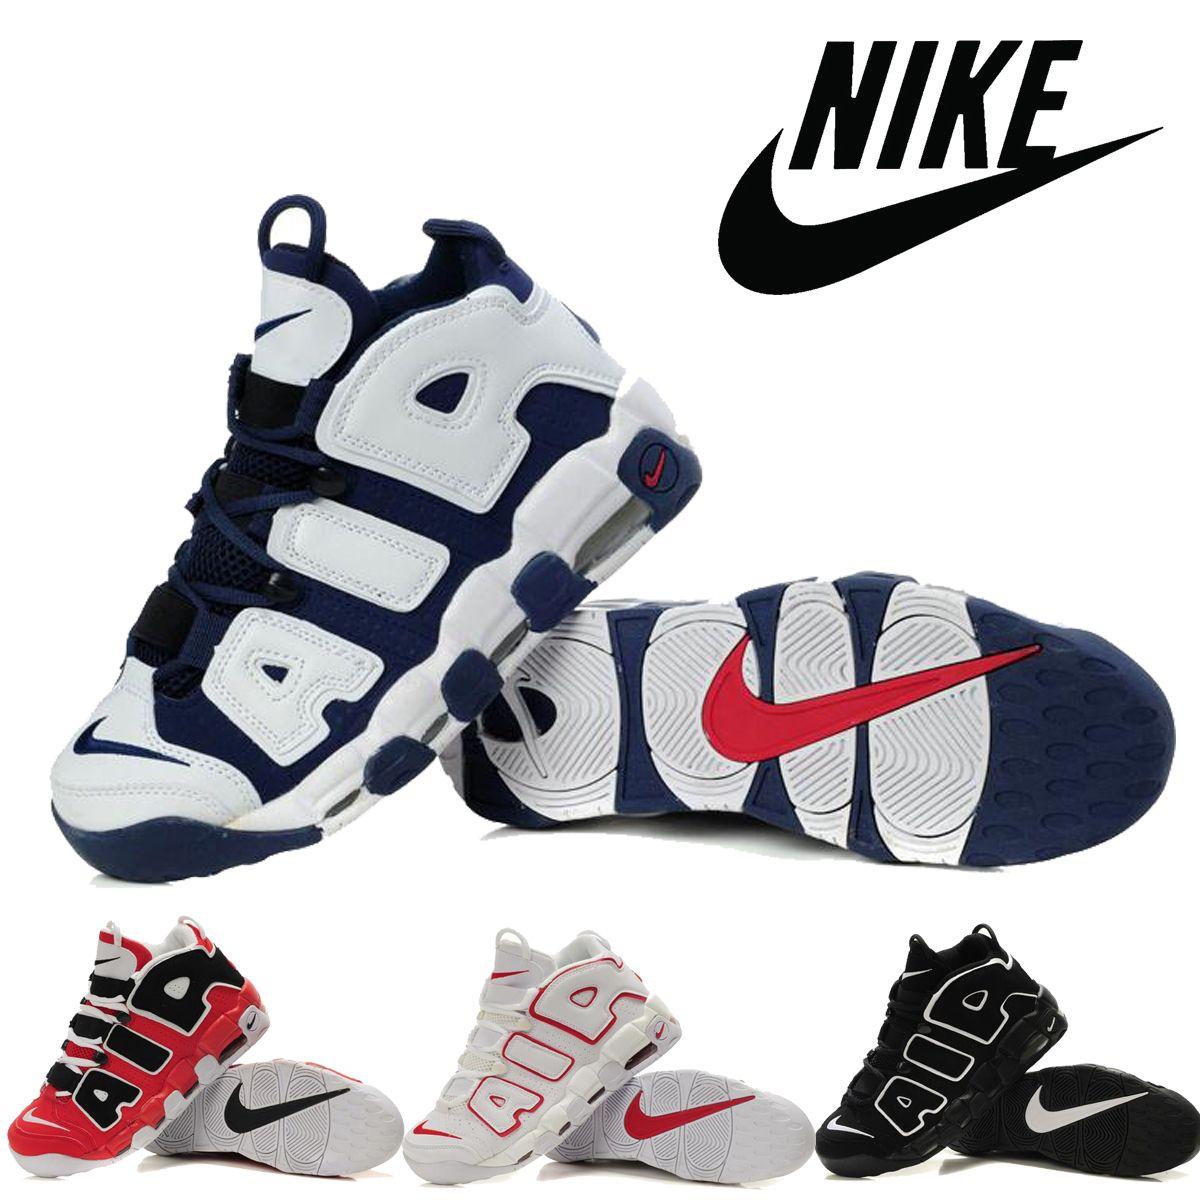 premium selection e9612 43ef7 Compre Zapatos Nike Air Más Zapatos Uptempo Baloncesto De Los Hombres Pippen  Retro Baloncesto De Los Hombres Para Hombre De Los EEUU Olímpicos Baratos  Air ...